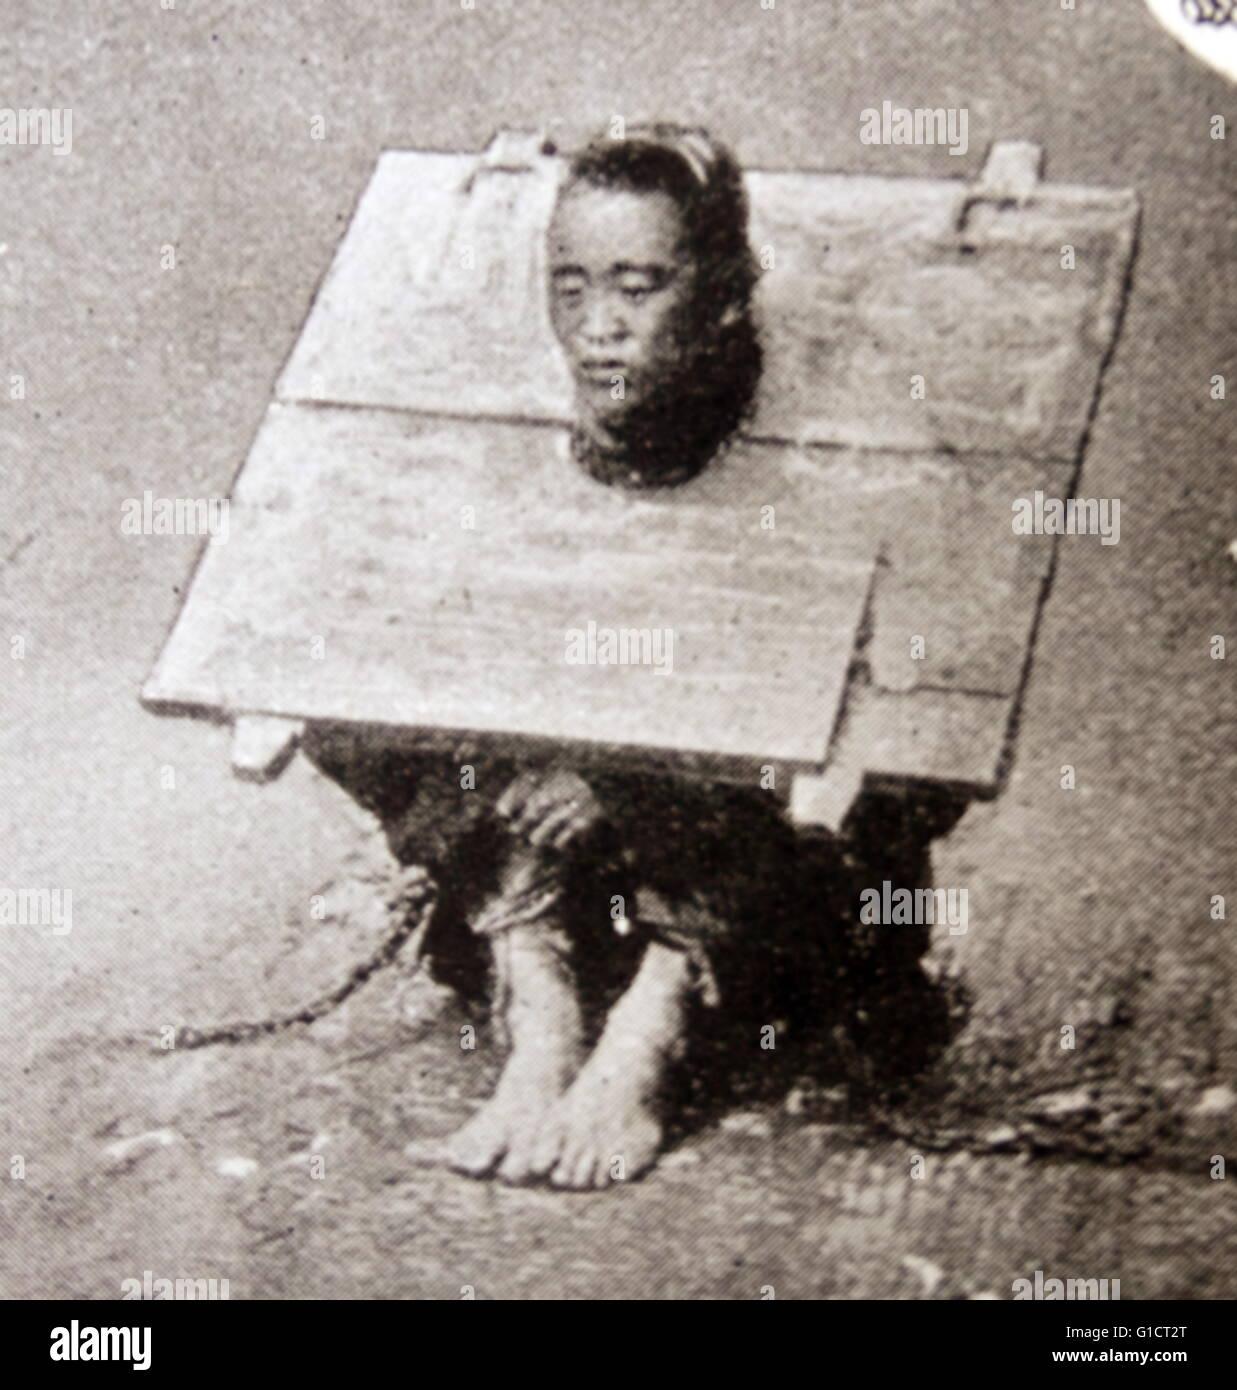 Penale cinese o legame slave in un giogo di legno per fissare la sua prigionia circa 1880 Immagini Stock